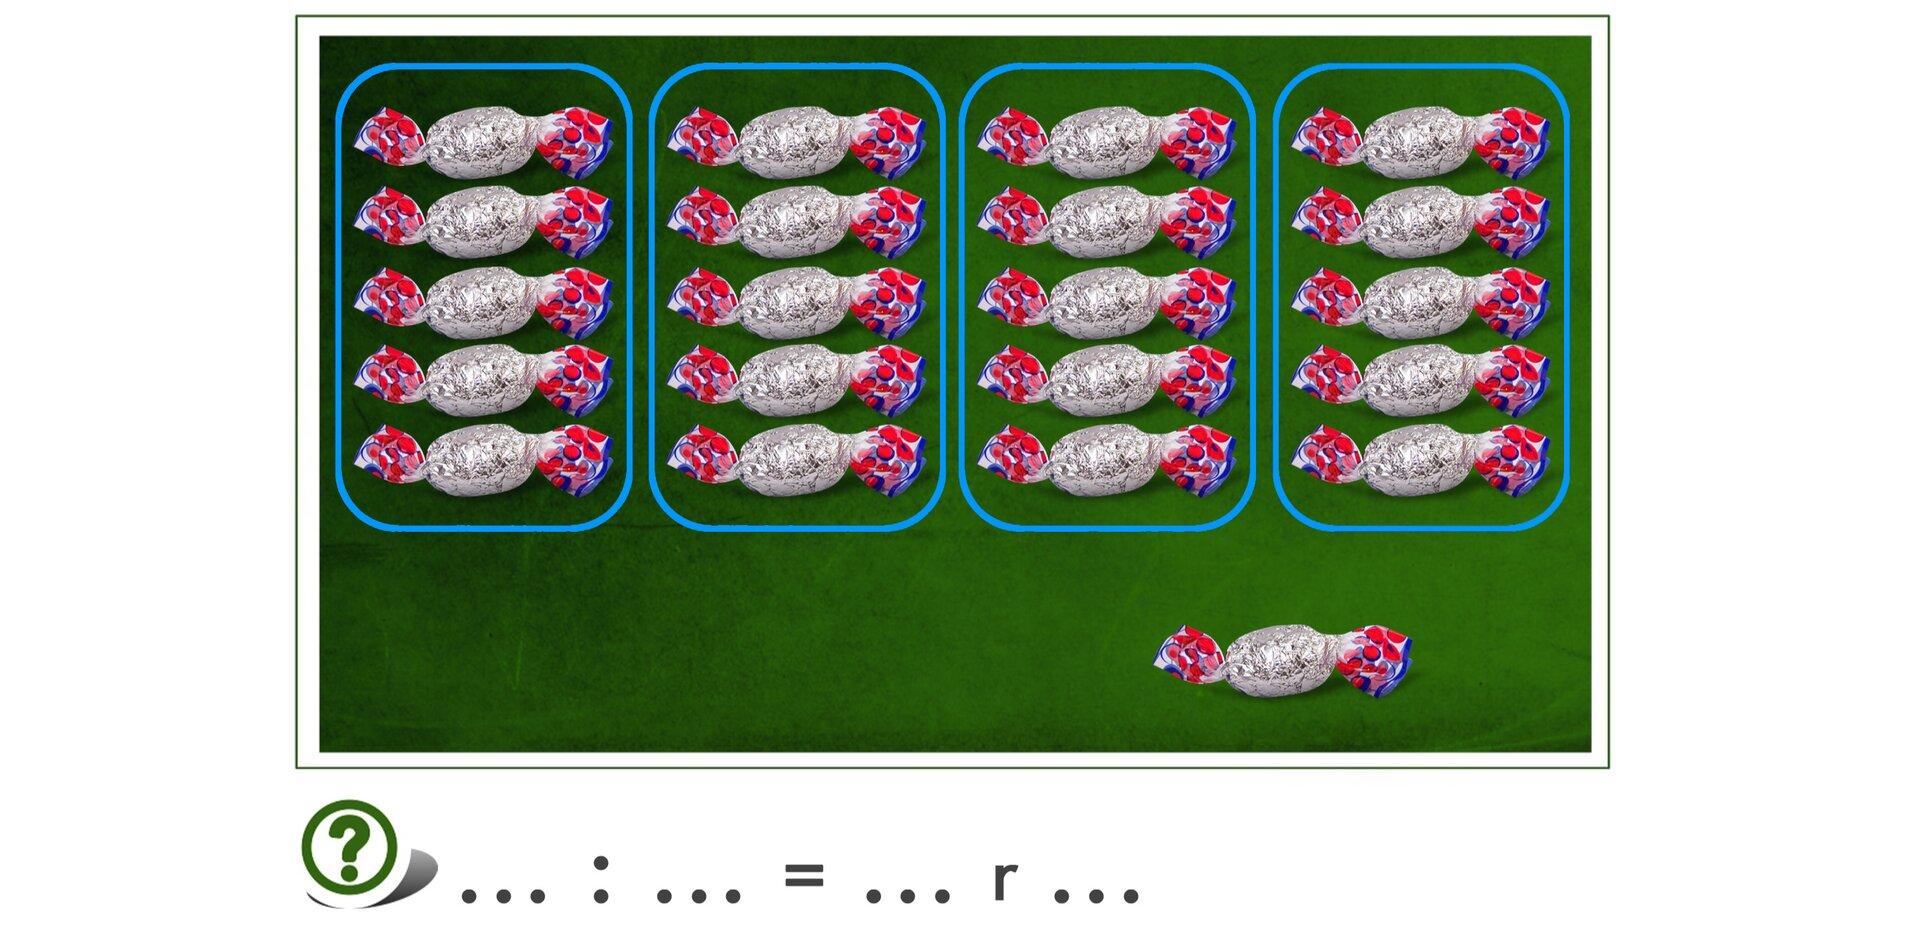 Na rysunku 21 cukierków. Podzielono je na 4 grupy po 5 cukierków. Został 1 cukierek.